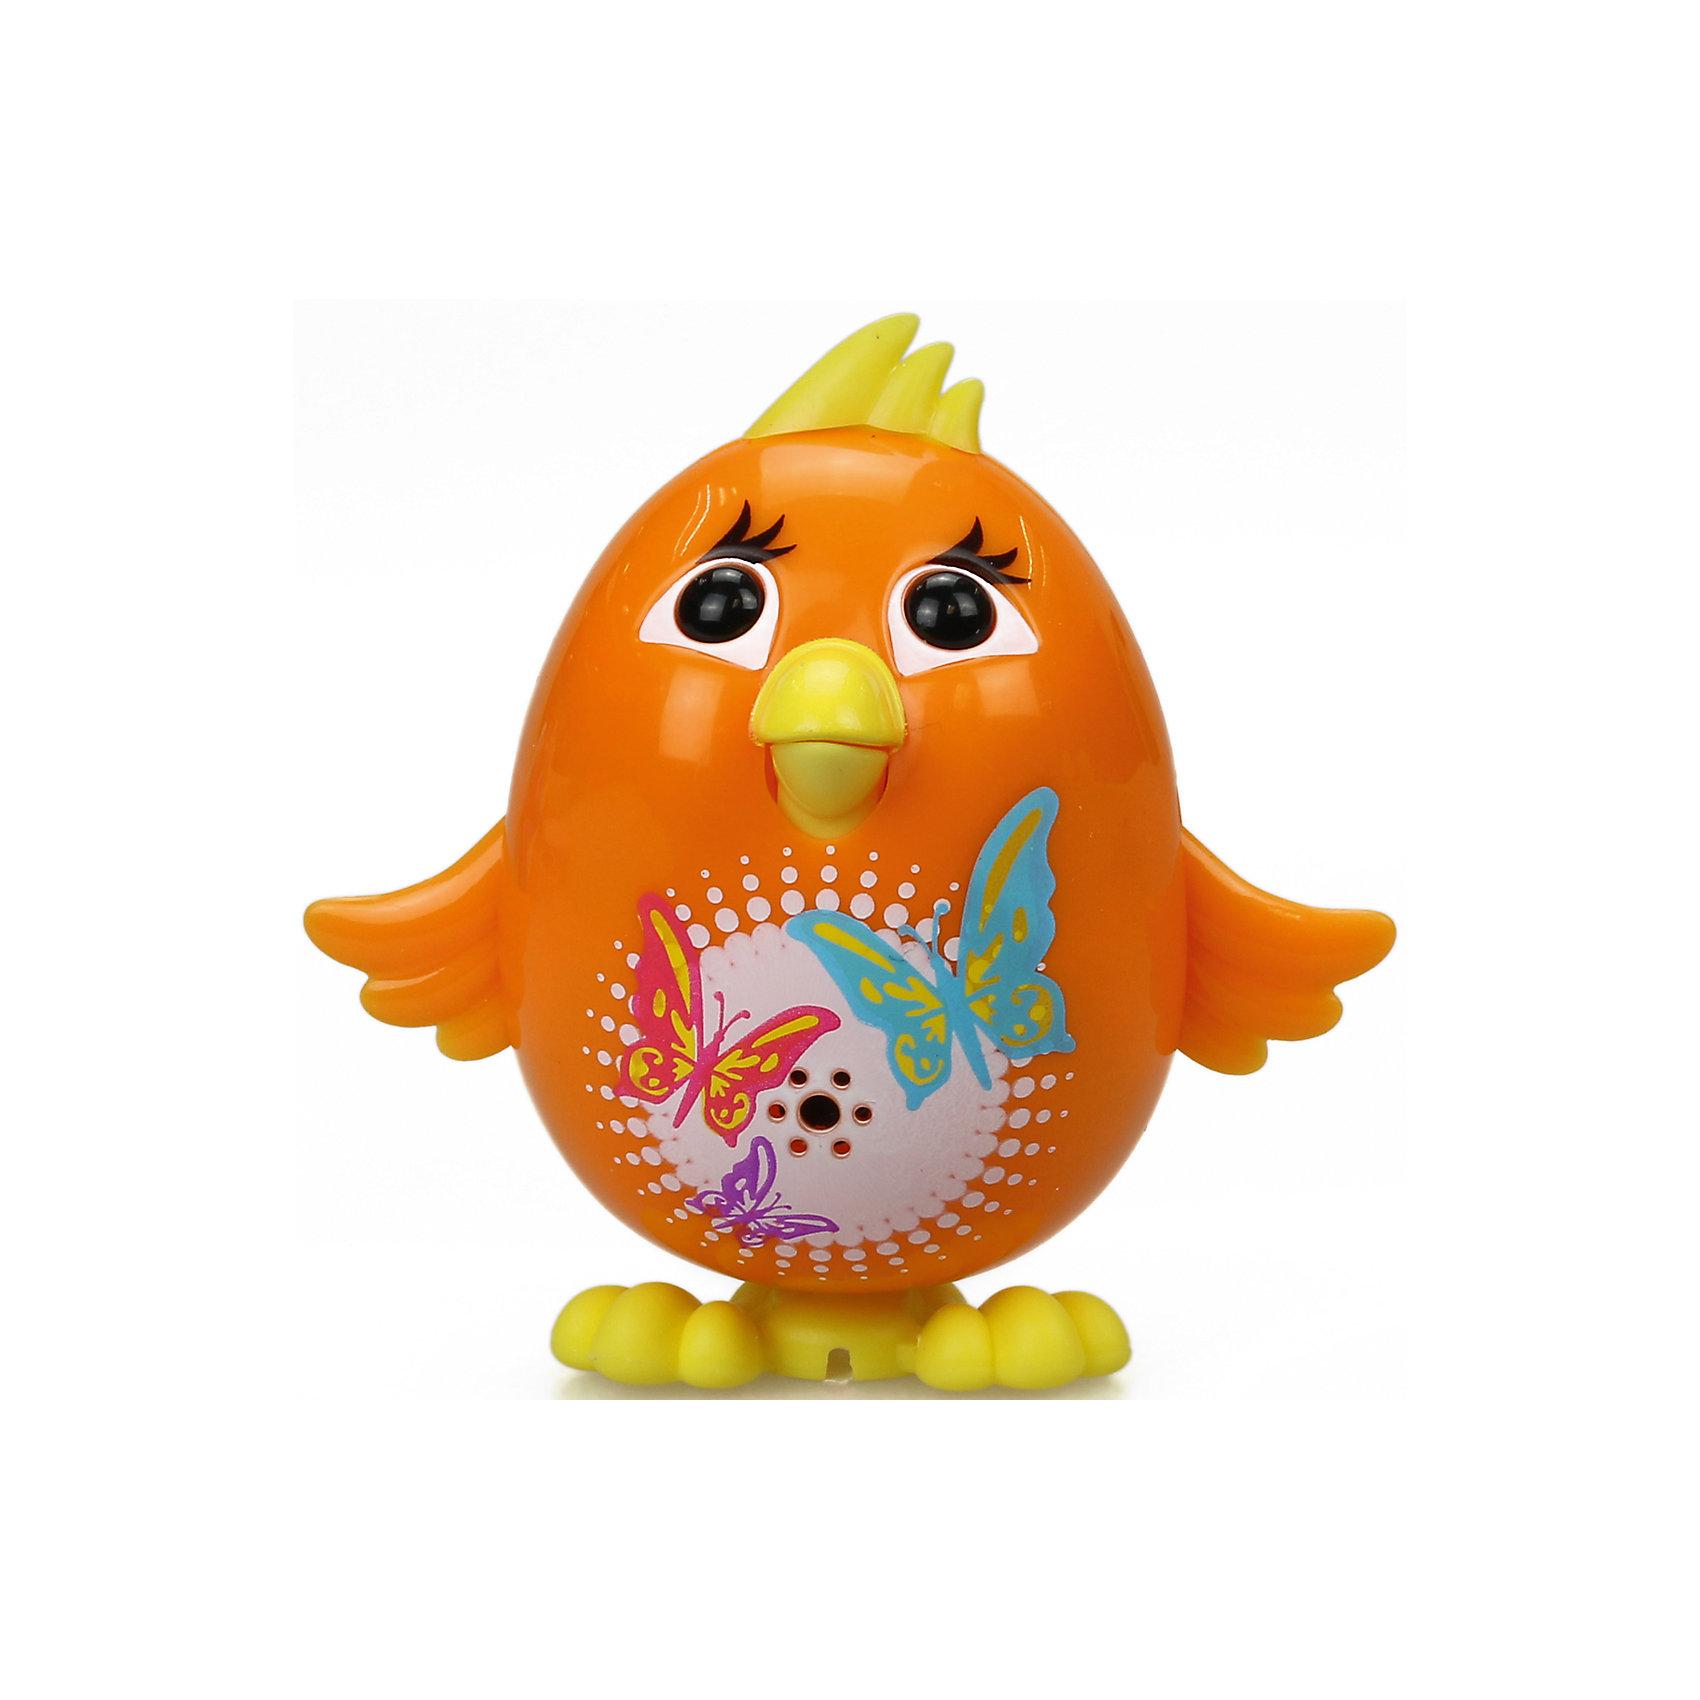 Цыпленок с кольцом, оранжевый, DigiBirdsИнтерактивные животные<br>Характеристики товара:<br><br>- цвет: оранжевый;<br>- материал: пластик;<br>- особенности: издает звуки, регируя на действия ребенка;<br>- интерактивная игрушка;<br>- размер упаковки: 64х15х10 см;<br>- вес: 900 г.<br><br>Такая симпатичная интерактивная игрушка не оставит ребенка равнодушным! Какой малыш откажется от поющего птенца?! Игрушка очень качественно выполнена, поэтому она станет отличным подарком ребенку. Он издает более 55 звуков! Такой птенец отлично тренирует у ребенка навык заботы о других и ответственность. С ним можно придумать множество сюжетов, разыгрывая которые, ребенок развивает мелкую моторику, воображение и творческое мышление.<br>Изделие произведено из высококачественного материала, безопасного для детей.<br><br>Цыпленка с кольцом от DigiBirds можно купить в нашем интернет-магазине.<br><br>Ширина мм: 152<br>Глубина мм: 64<br>Высота мм: 102<br>Вес г: 992<br>Возраст от месяцев: 36<br>Возраст до месяцев: 2147483647<br>Пол: Унисекс<br>Возраст: Детский<br>SKU: 5047559